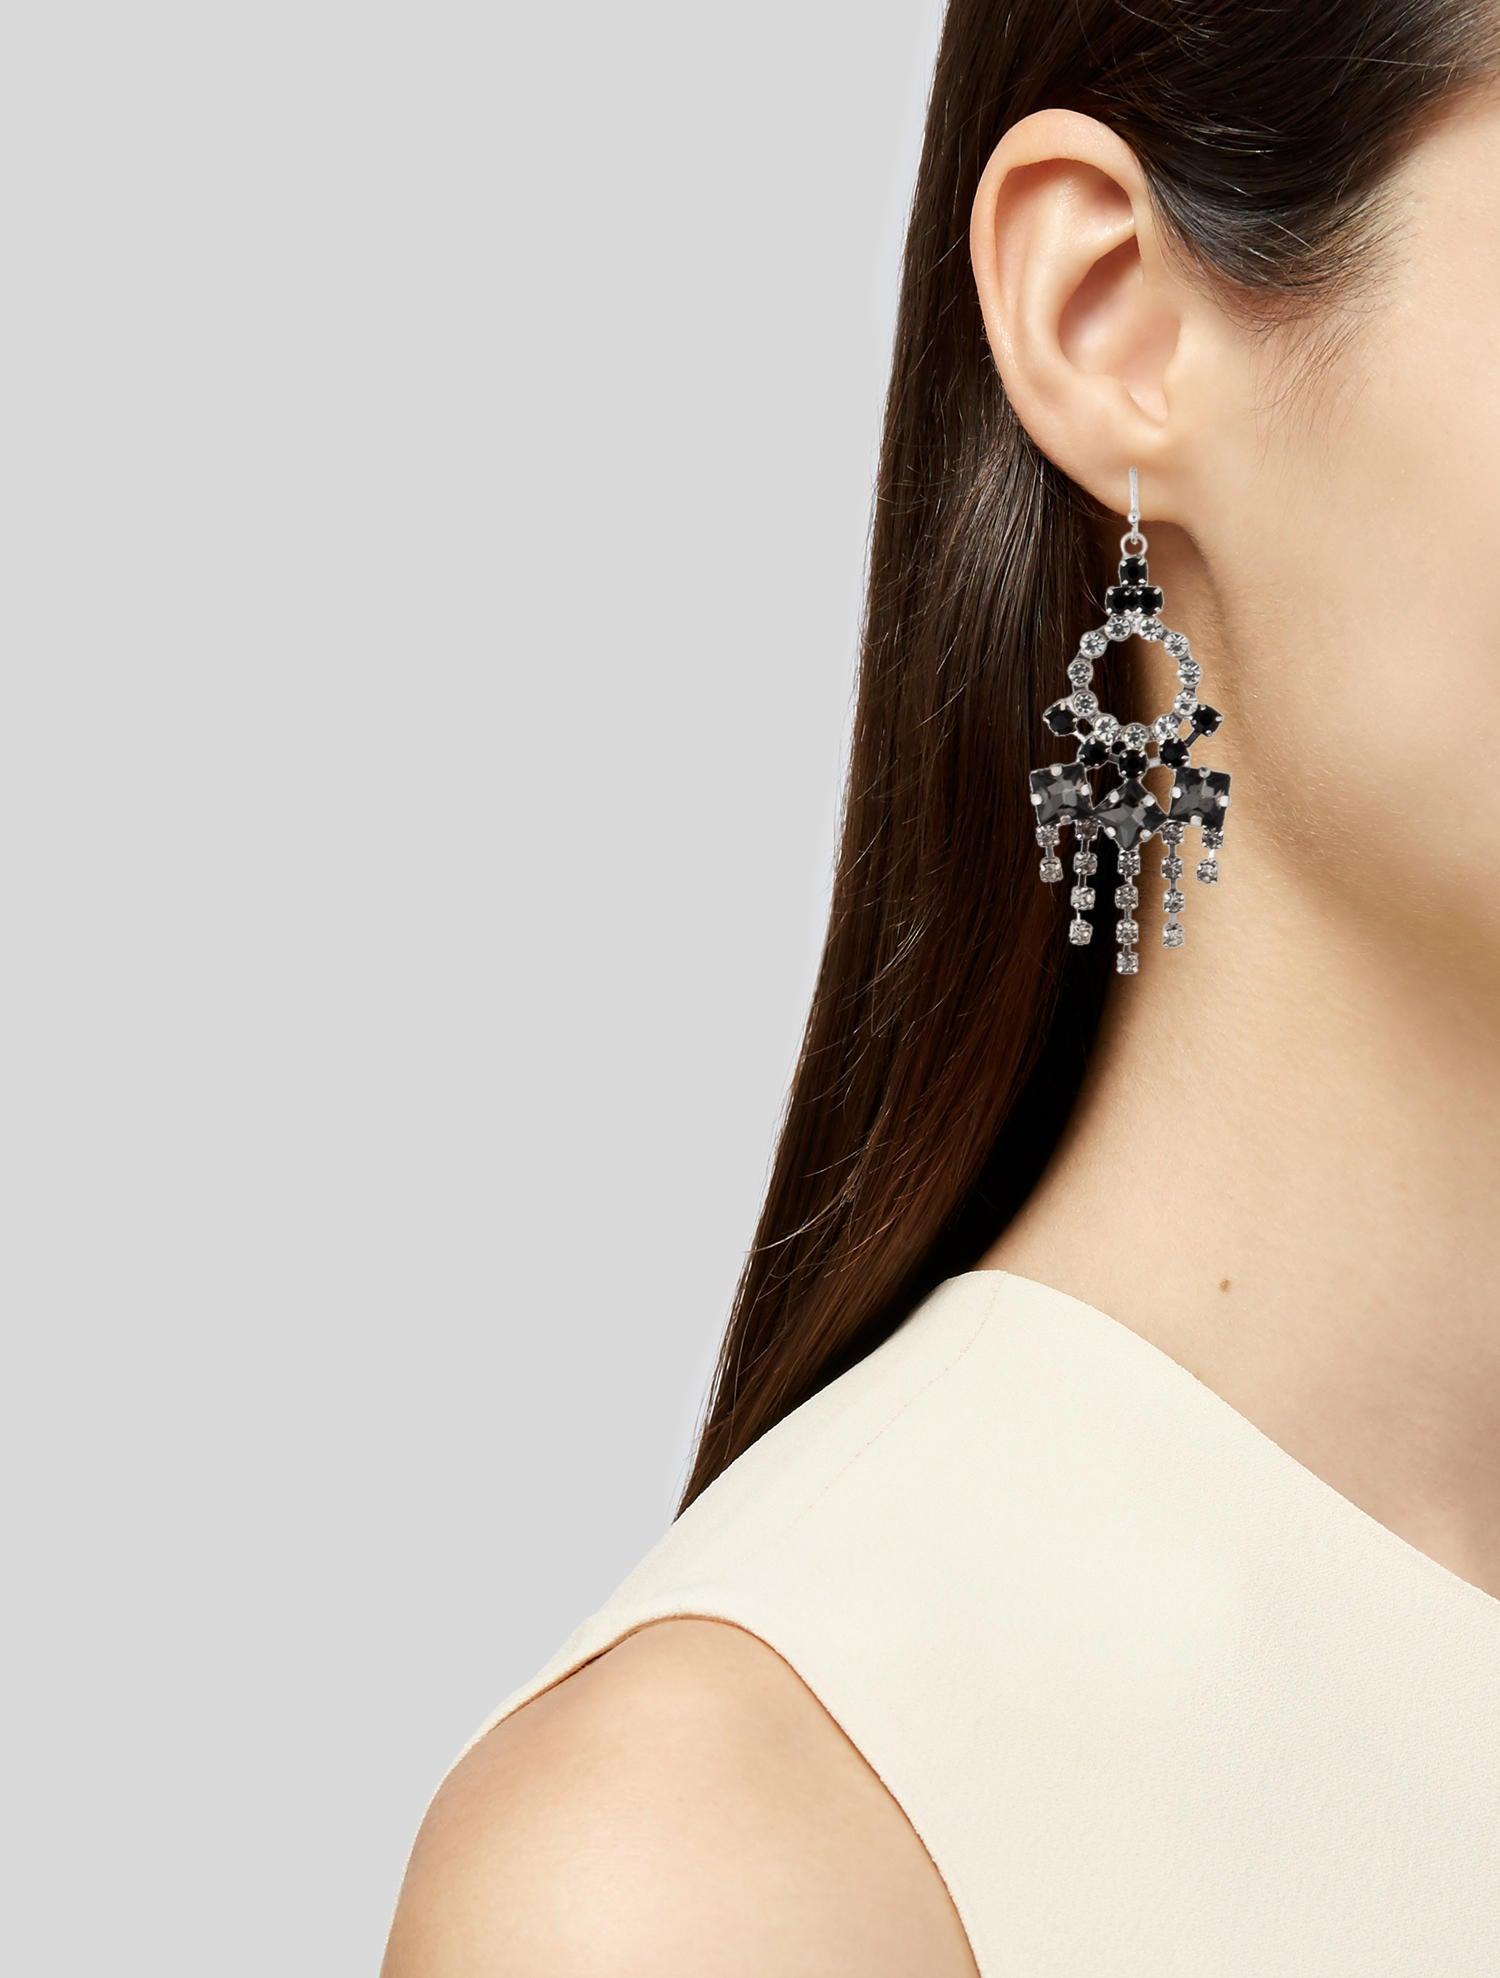 Lulu-Frost-Earrings-Crystal-ChandalierSmoky-Jewelry-Pouch_15803B.jpg